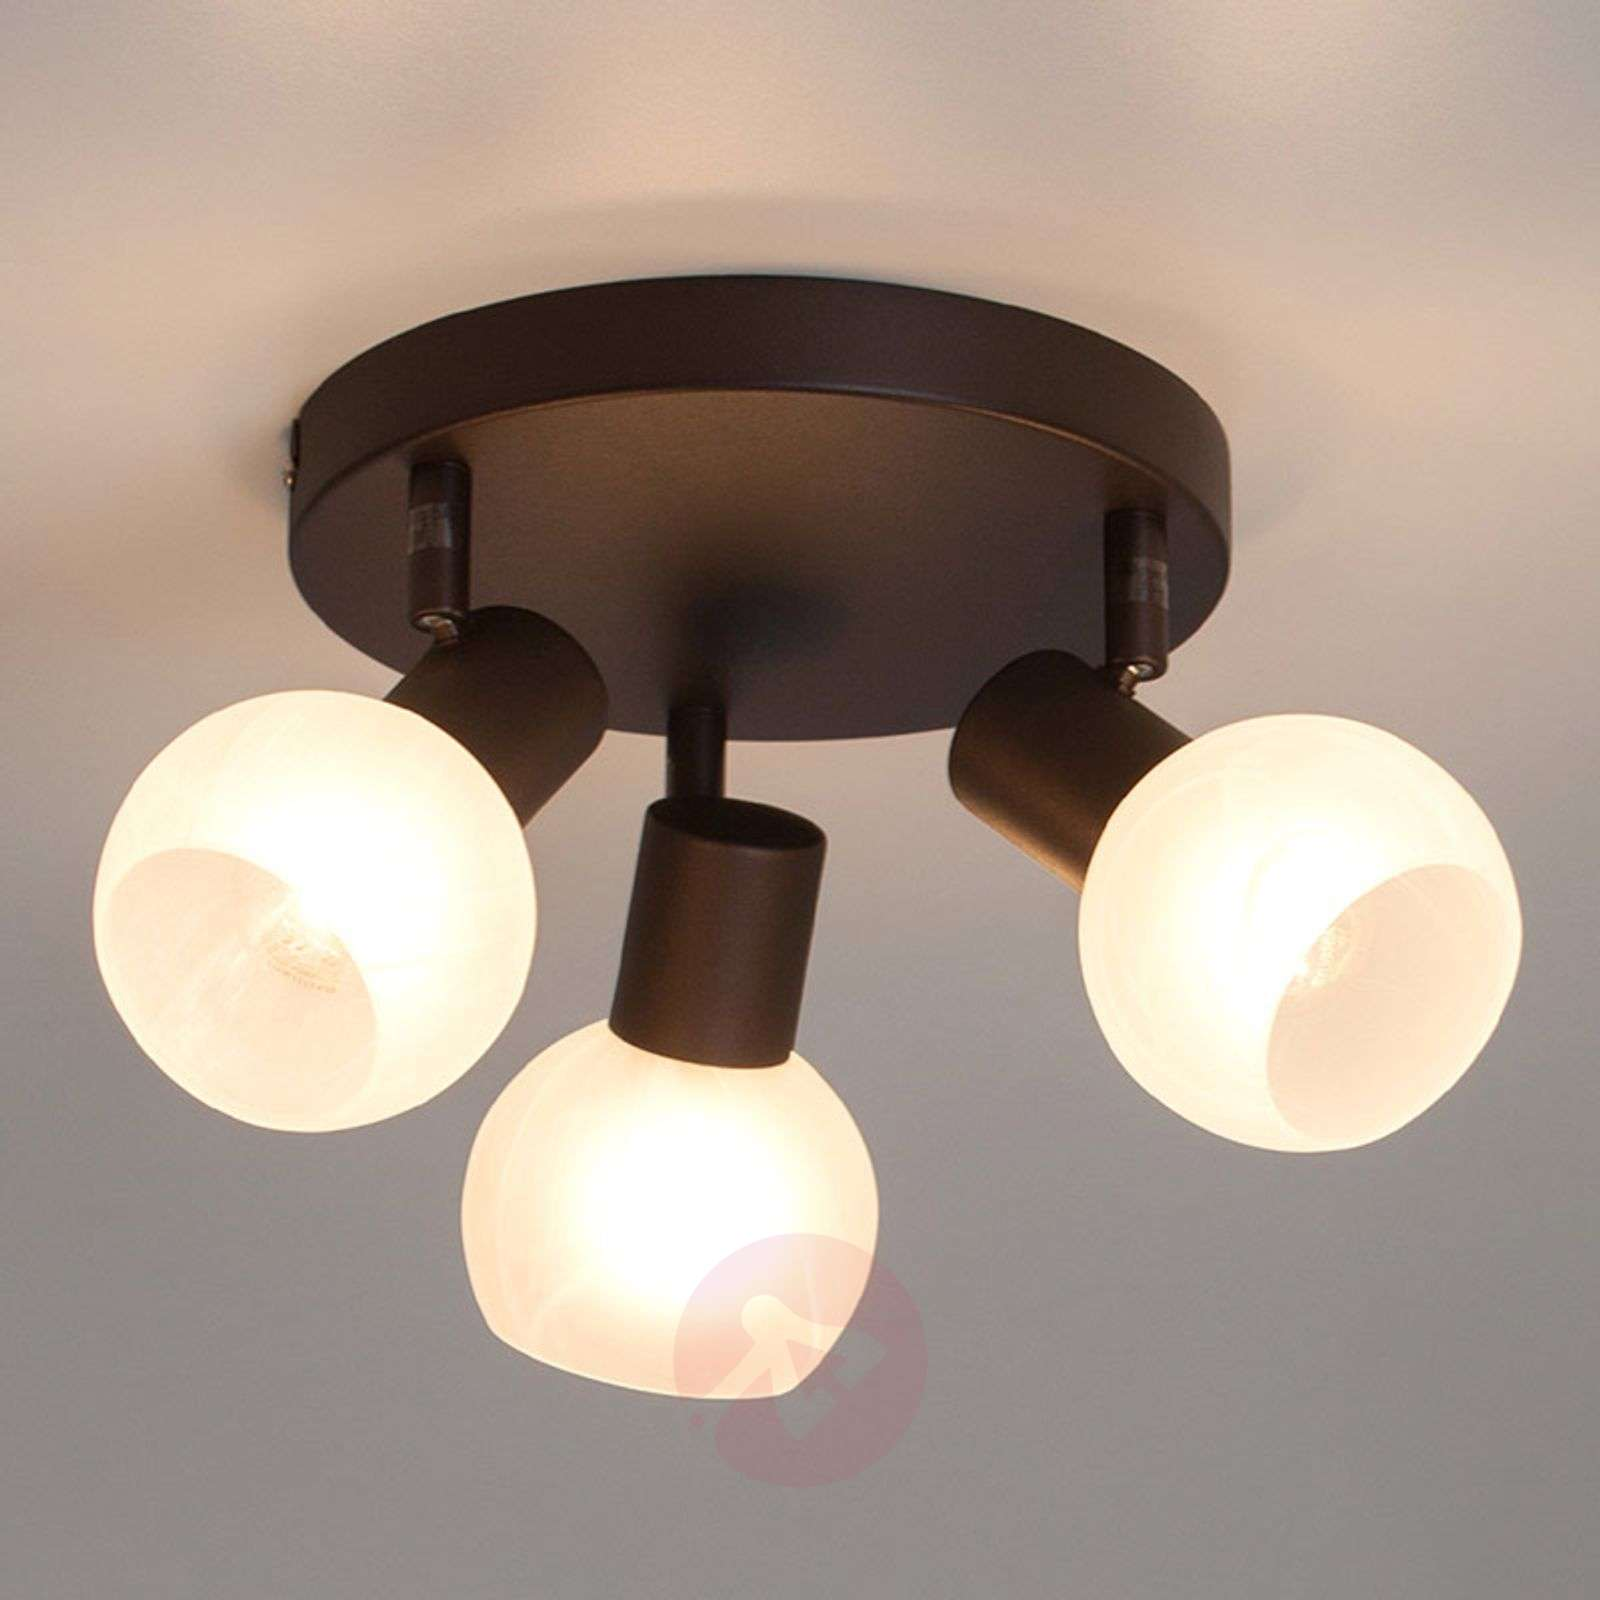 Kolmilamppuinen Gabon spottiplafondi-1508855-01